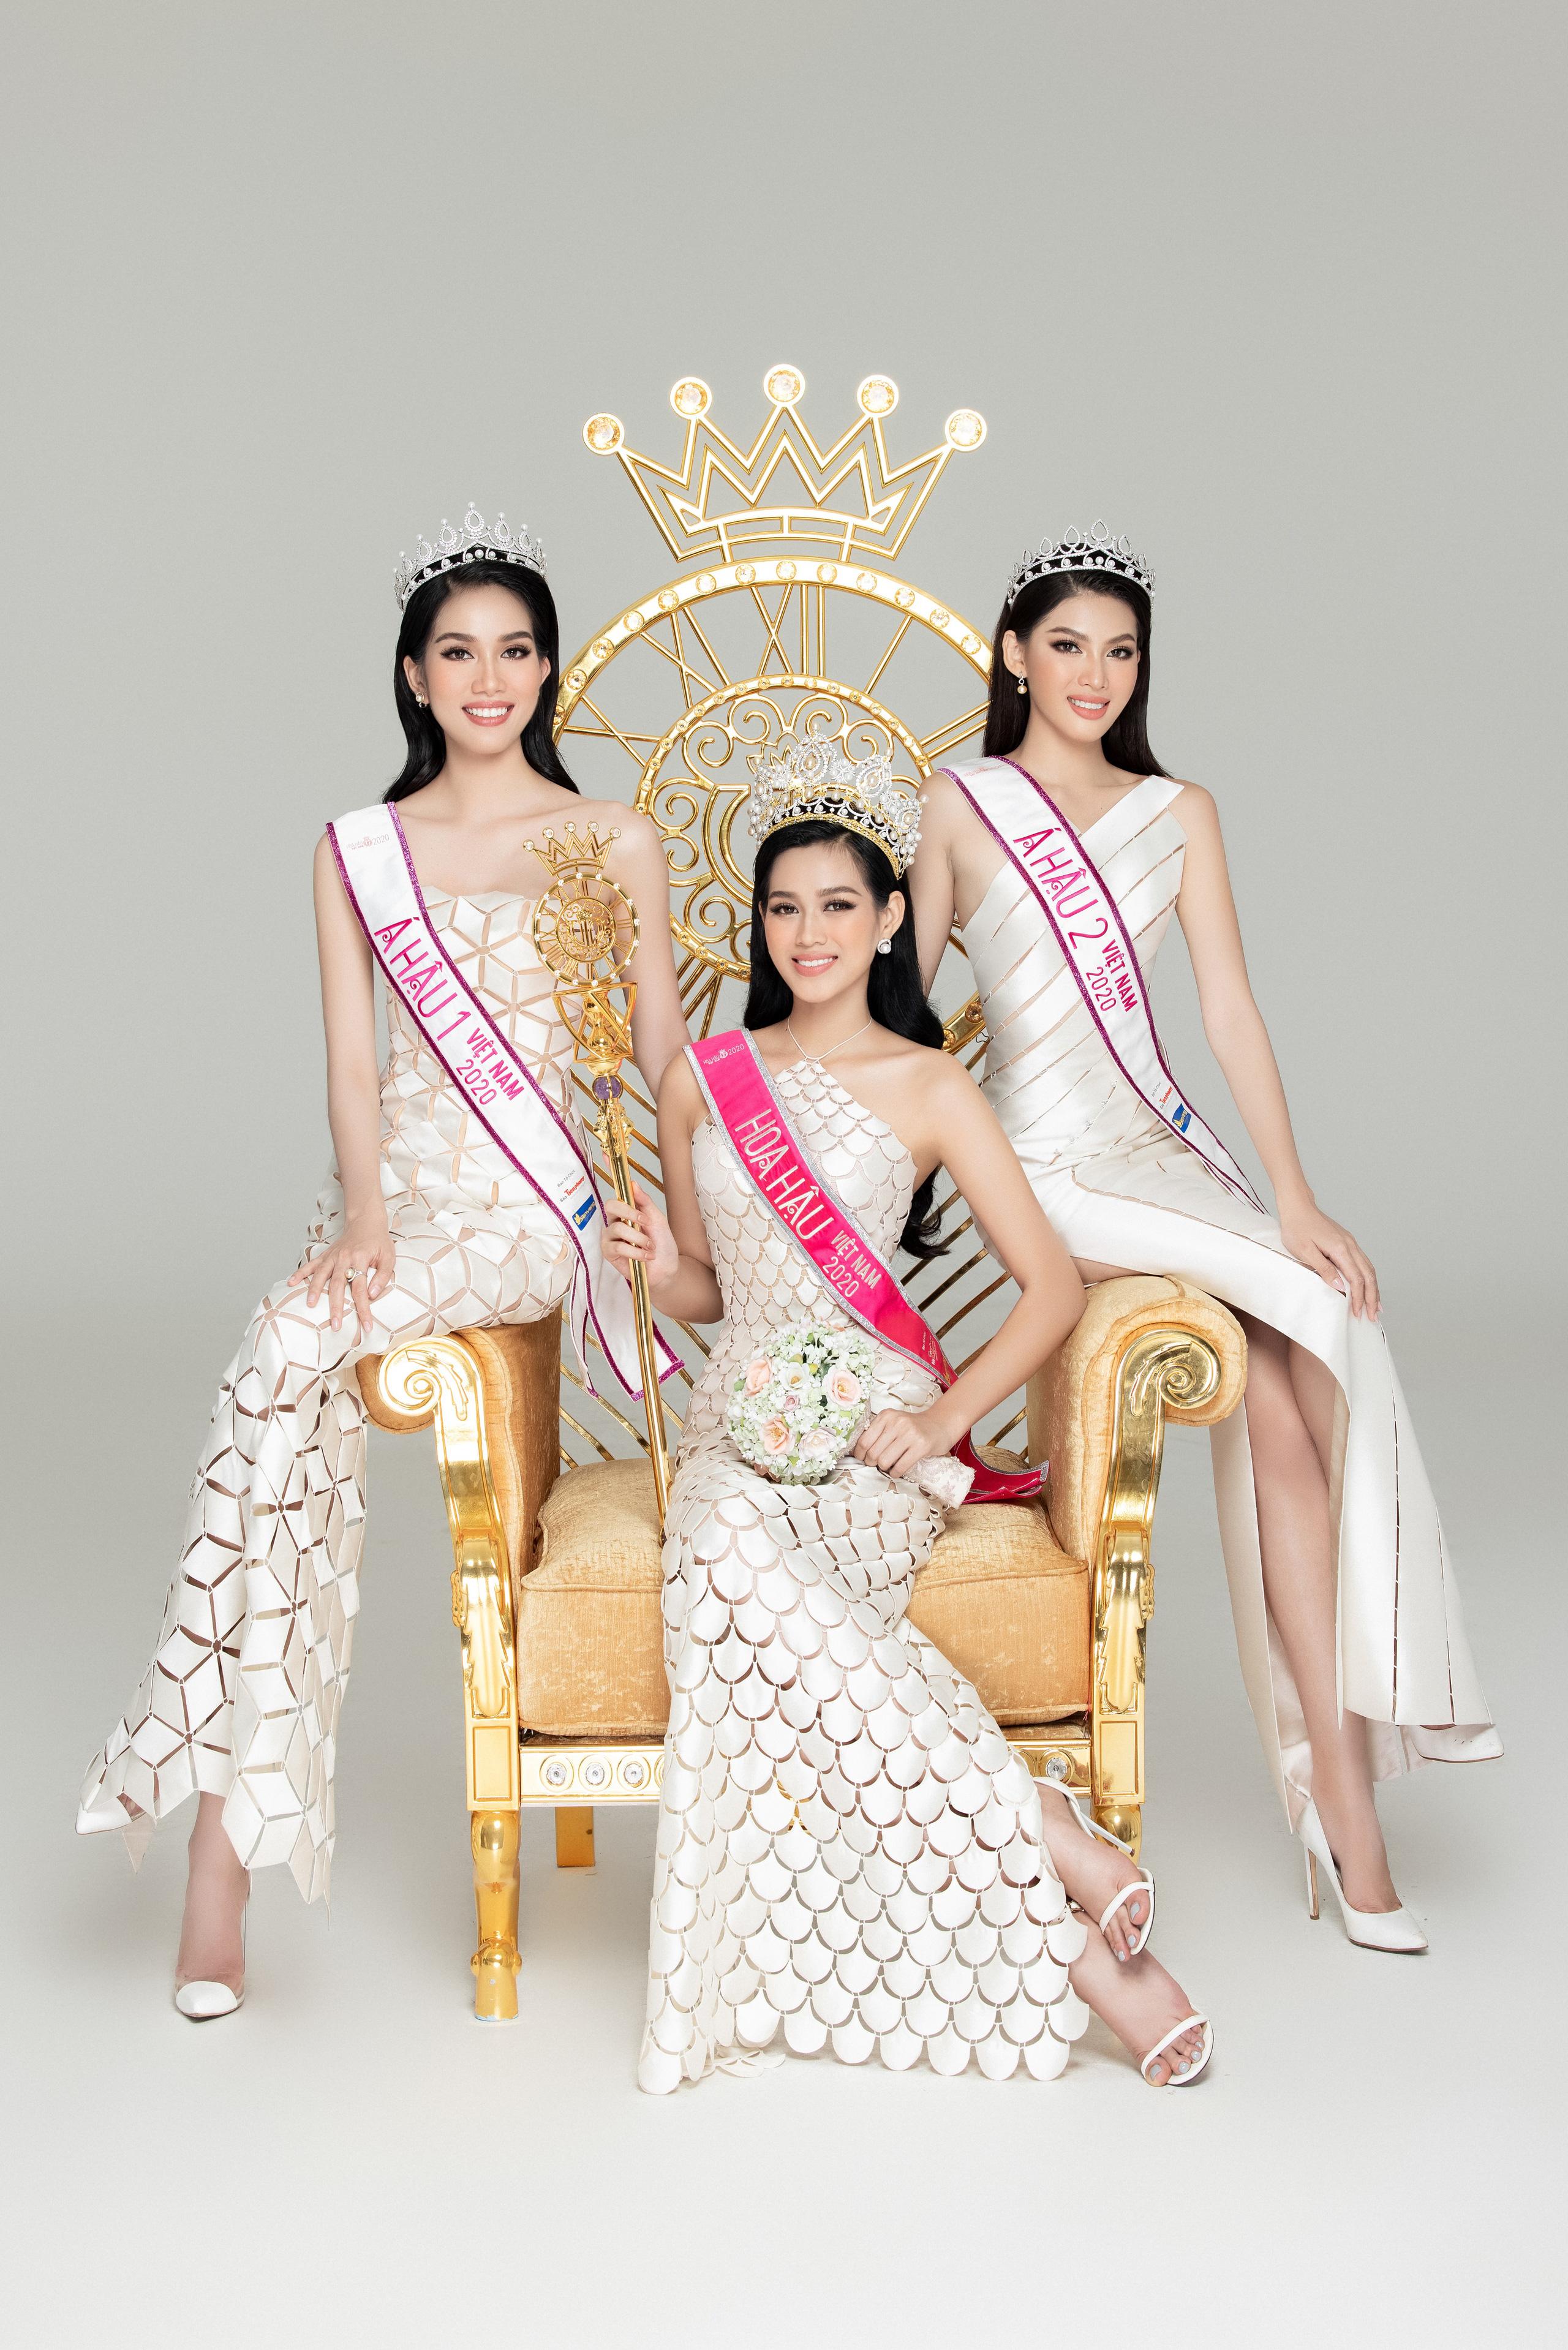 Soi nhan sắc Hoa hậu Đỗ Thị Hà và 2 Á hậu sau một tháng đăng quang - Ảnh 3.